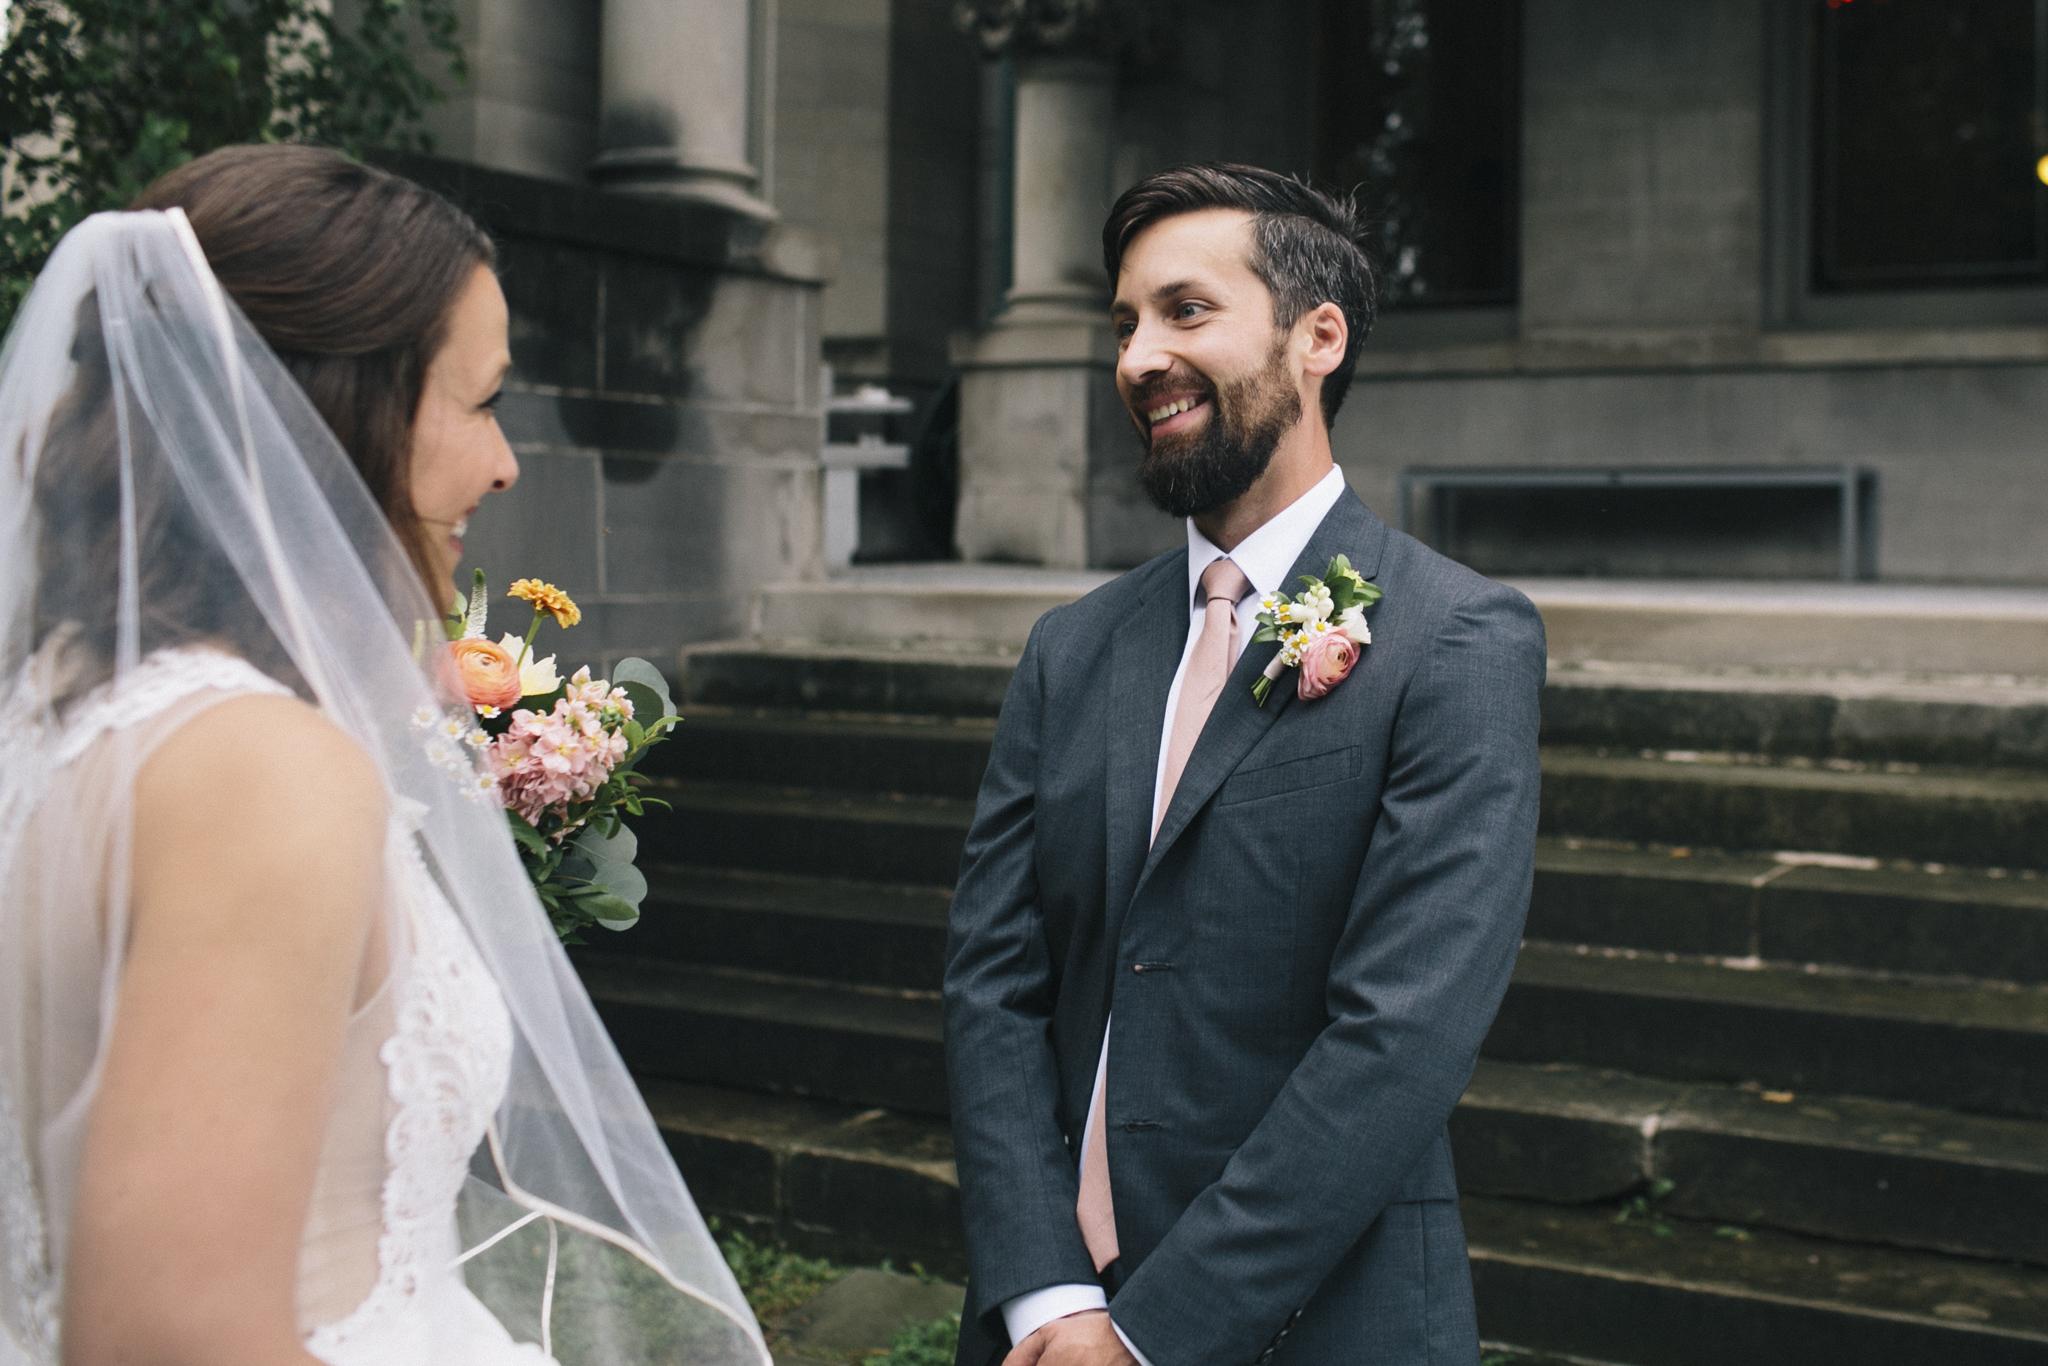 harlan_megmike_wedding_21.jpg